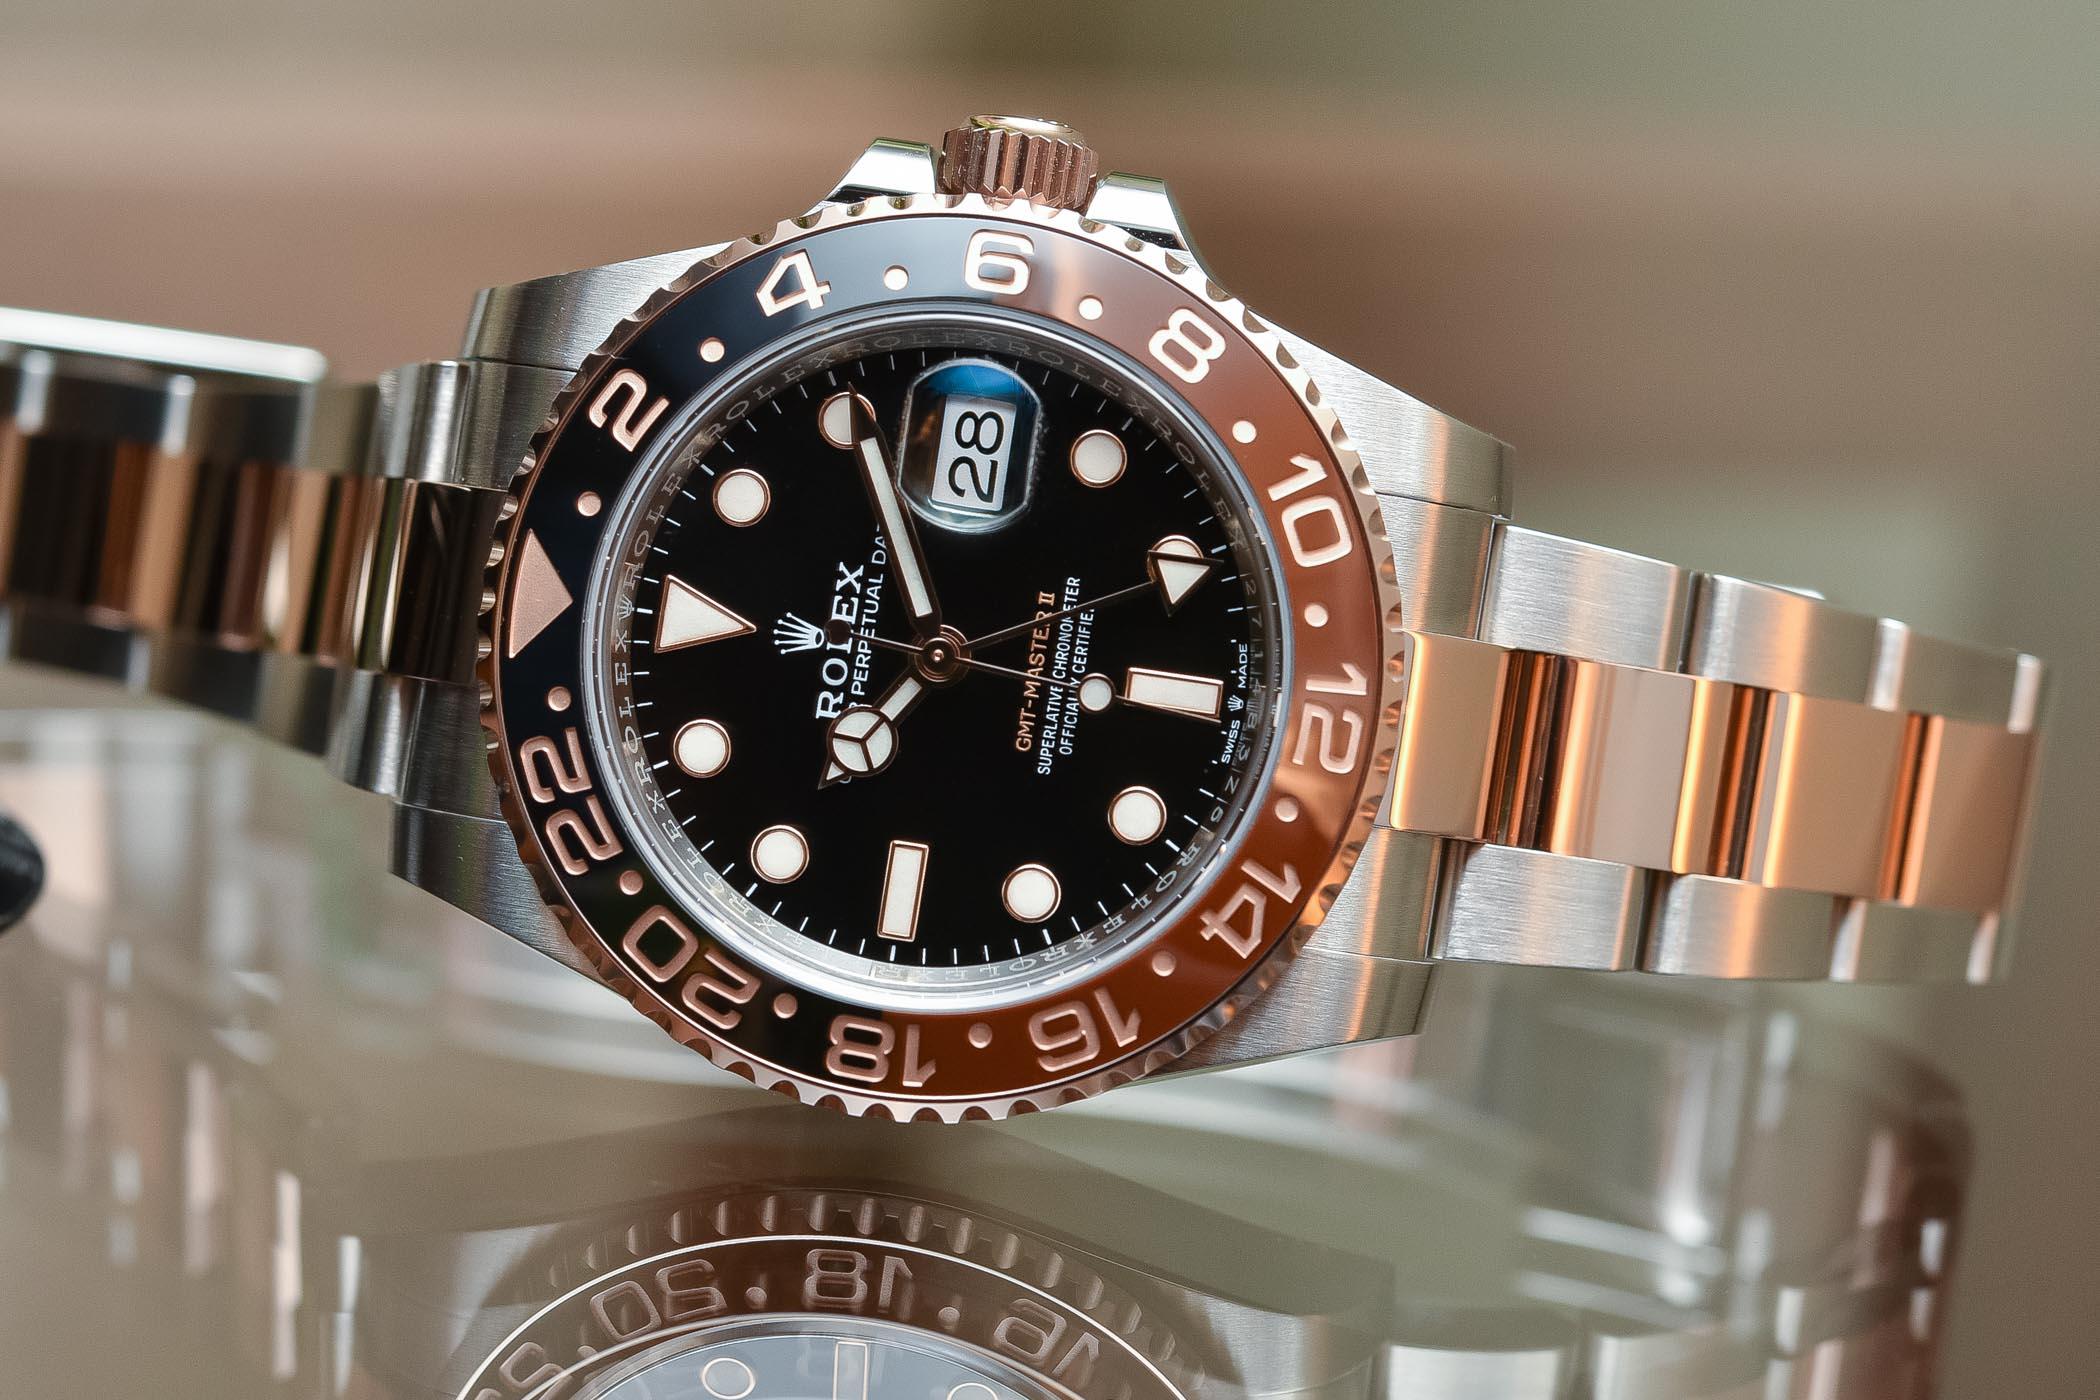 【2018年末版】130万円から320万円までで購入できる腕時計10選!